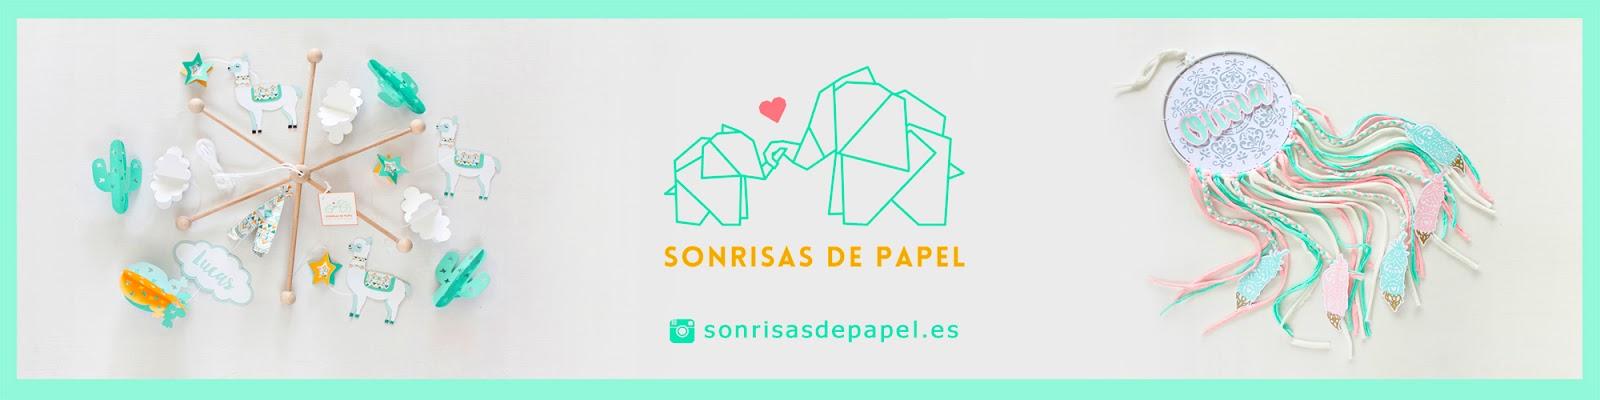 SONRISAS DE PAPEL